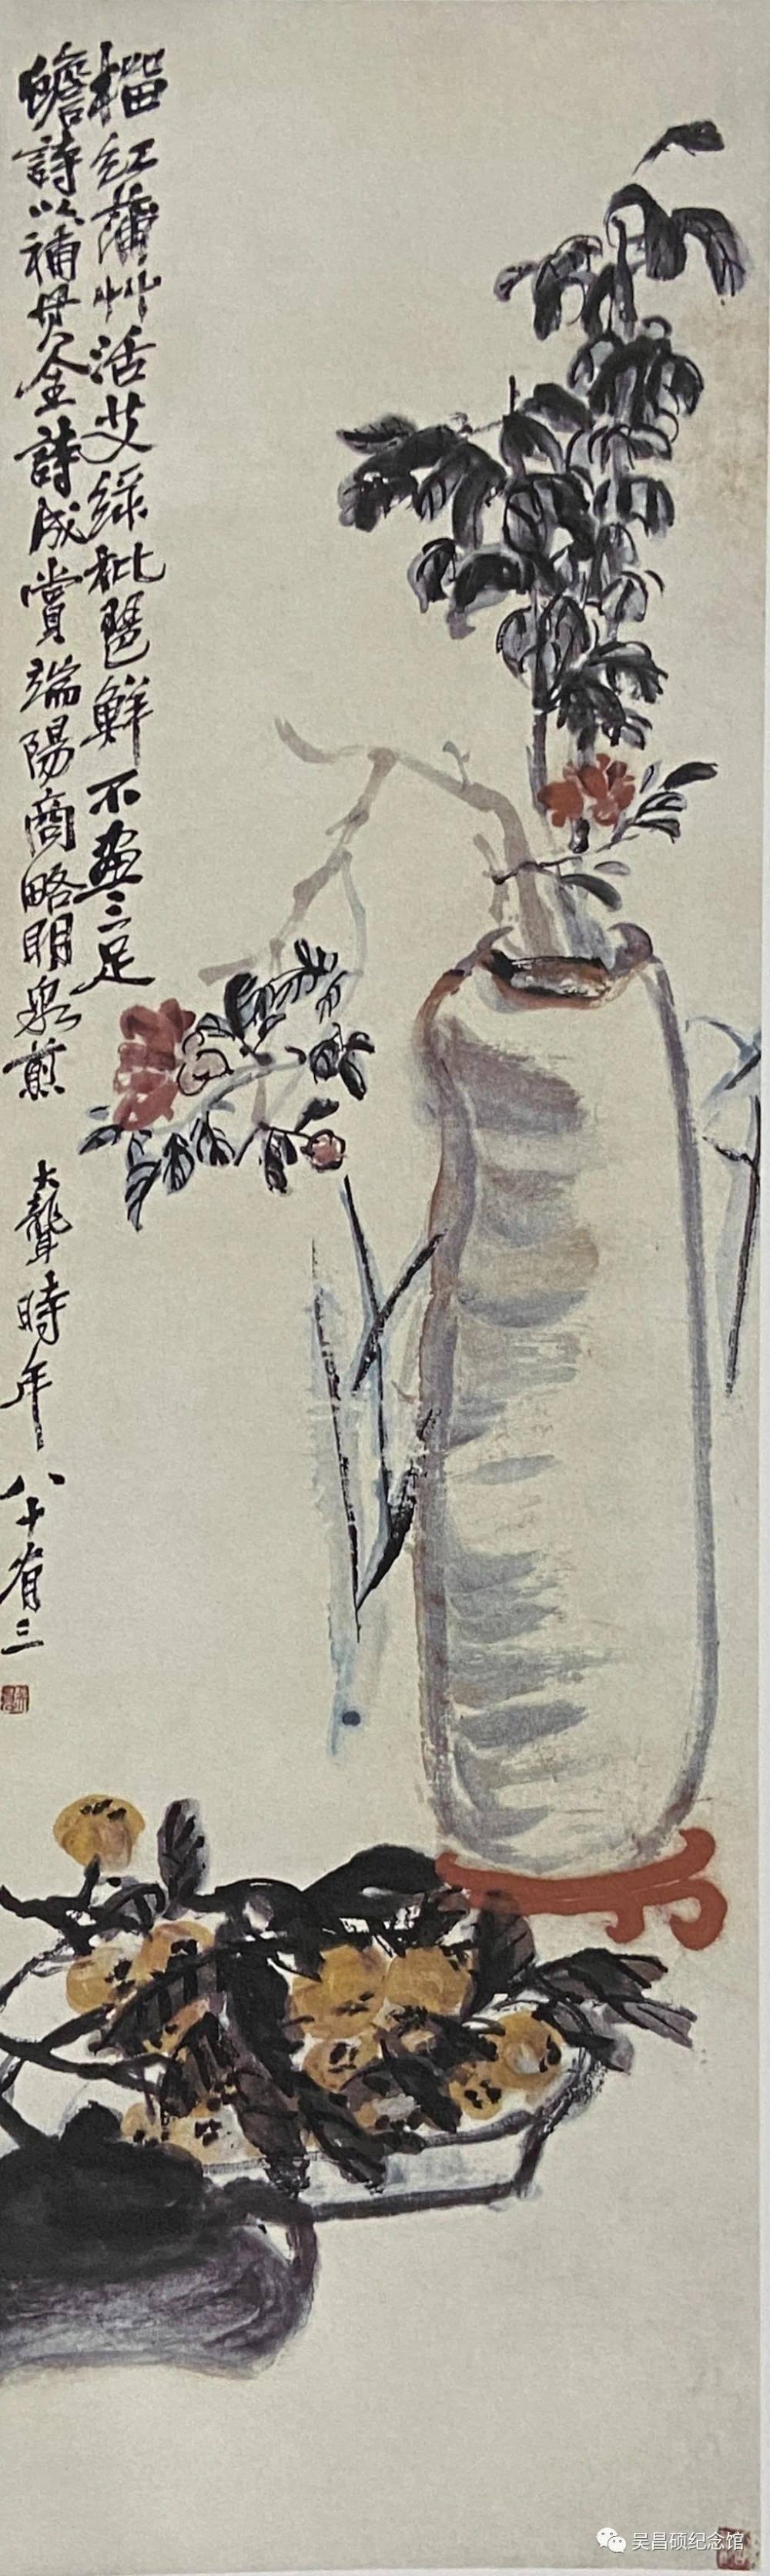 从吴昌硕到丰子恺,大师们缘何都爱画端午?